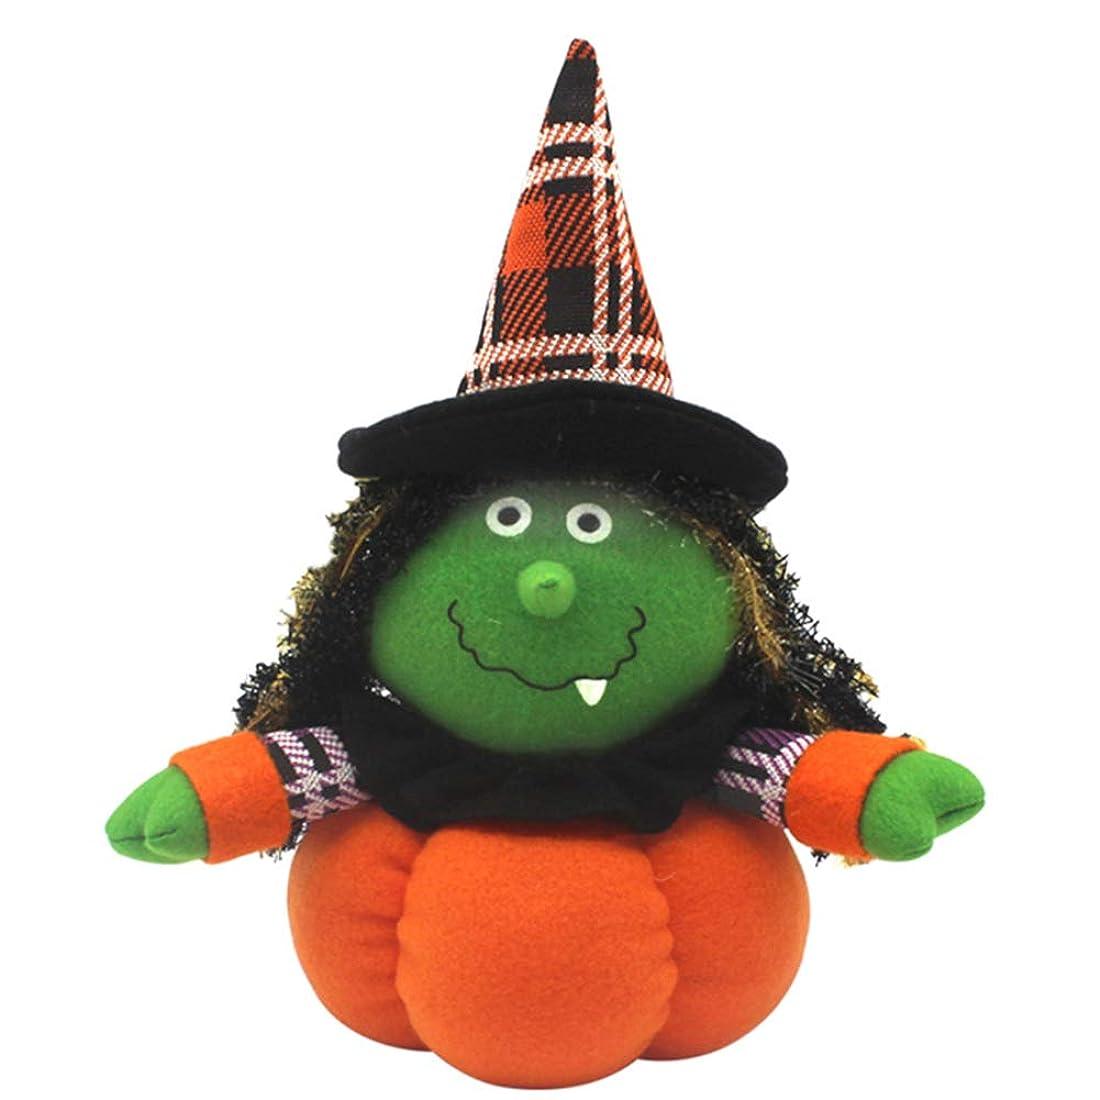 正気含む隣接SweetiChic 人形ハロウィン 飾り おもちゃ かぼちゃ 置物 雰囲気抜群 玄関 お化け屋敷 店舗 バー デコレーション お祭り パーティー 小道具 雑貨